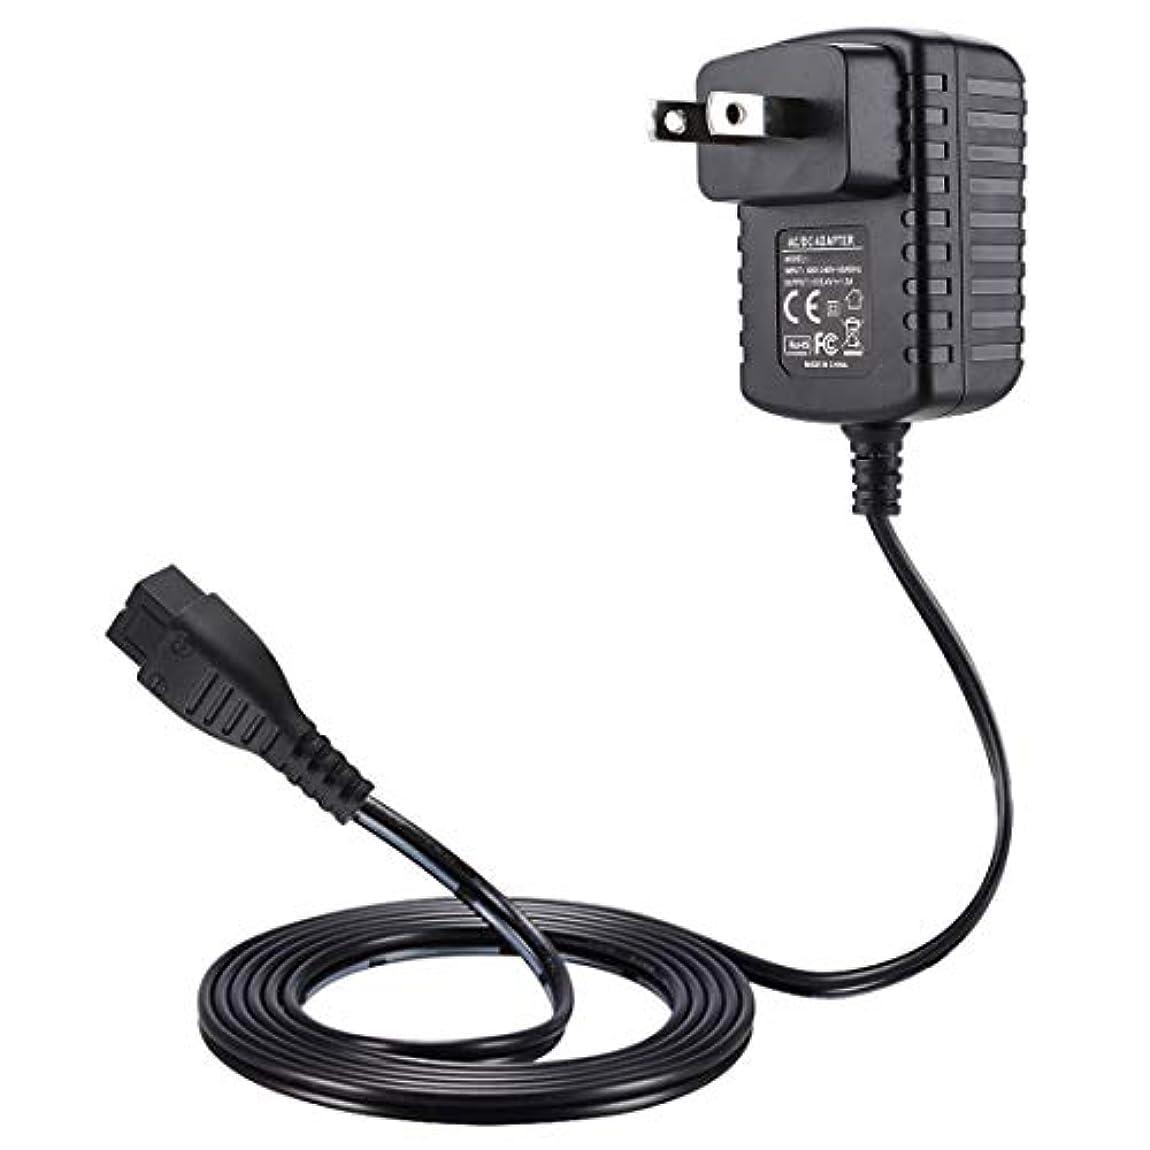 干渉する地域贅沢なPunasi パナソニック シェーバー対応 5.4V 1.2A Panasonic対応 ACアダプター DCアダプター 5.4V電源アダプター交換用充電器 ES7000 ES8000 シリーズ ES8232 ES8237...